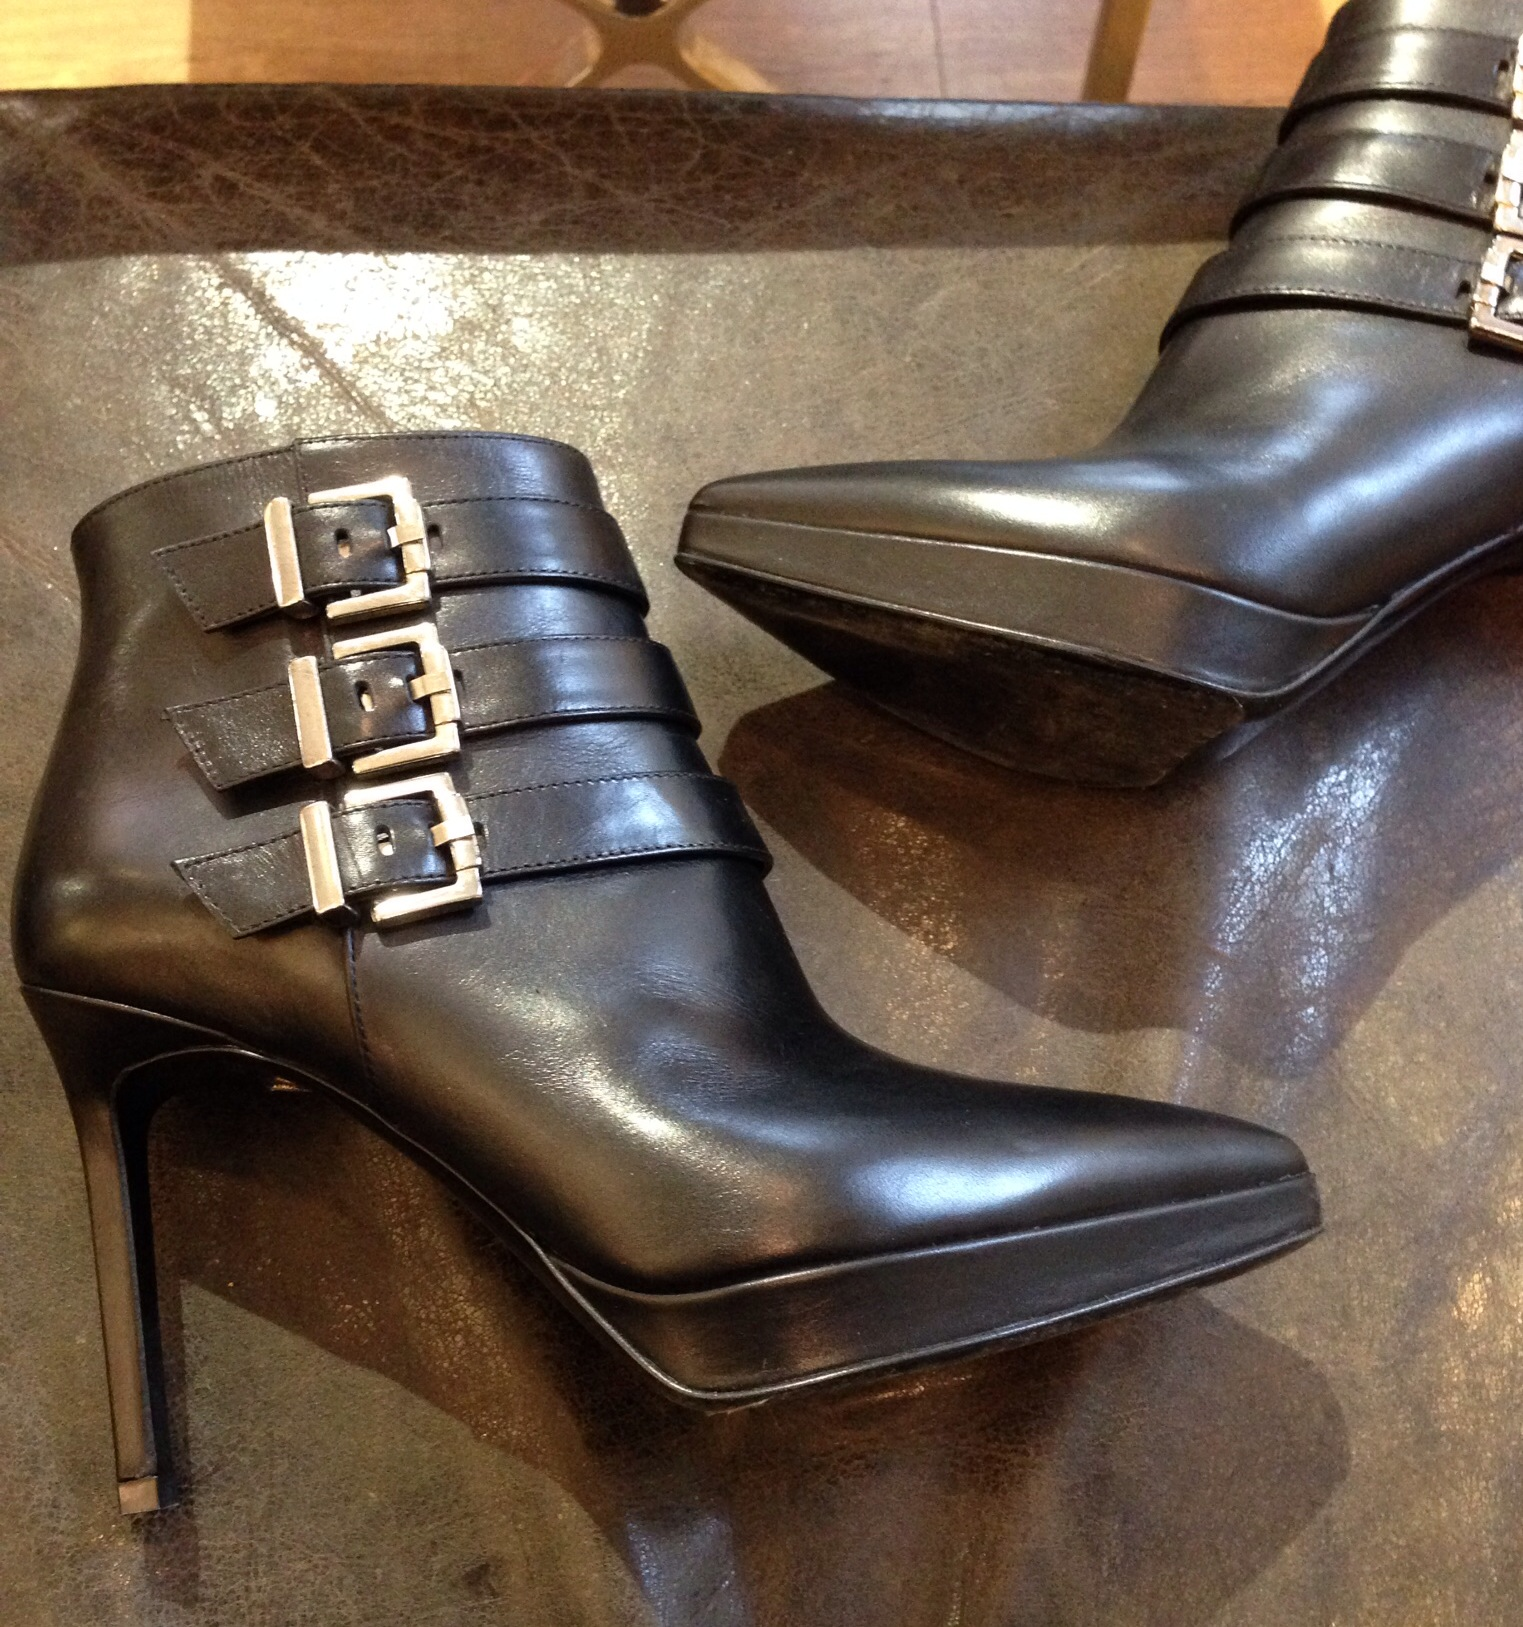 e058ce95560 Jag har köpt nya skor!!! Eller rättare sagt FYRA par nya skor…. Det brukar  bli så när jag väl köper skor. OCH till mitt försvar (mamma) det var  sinnesjukt ...